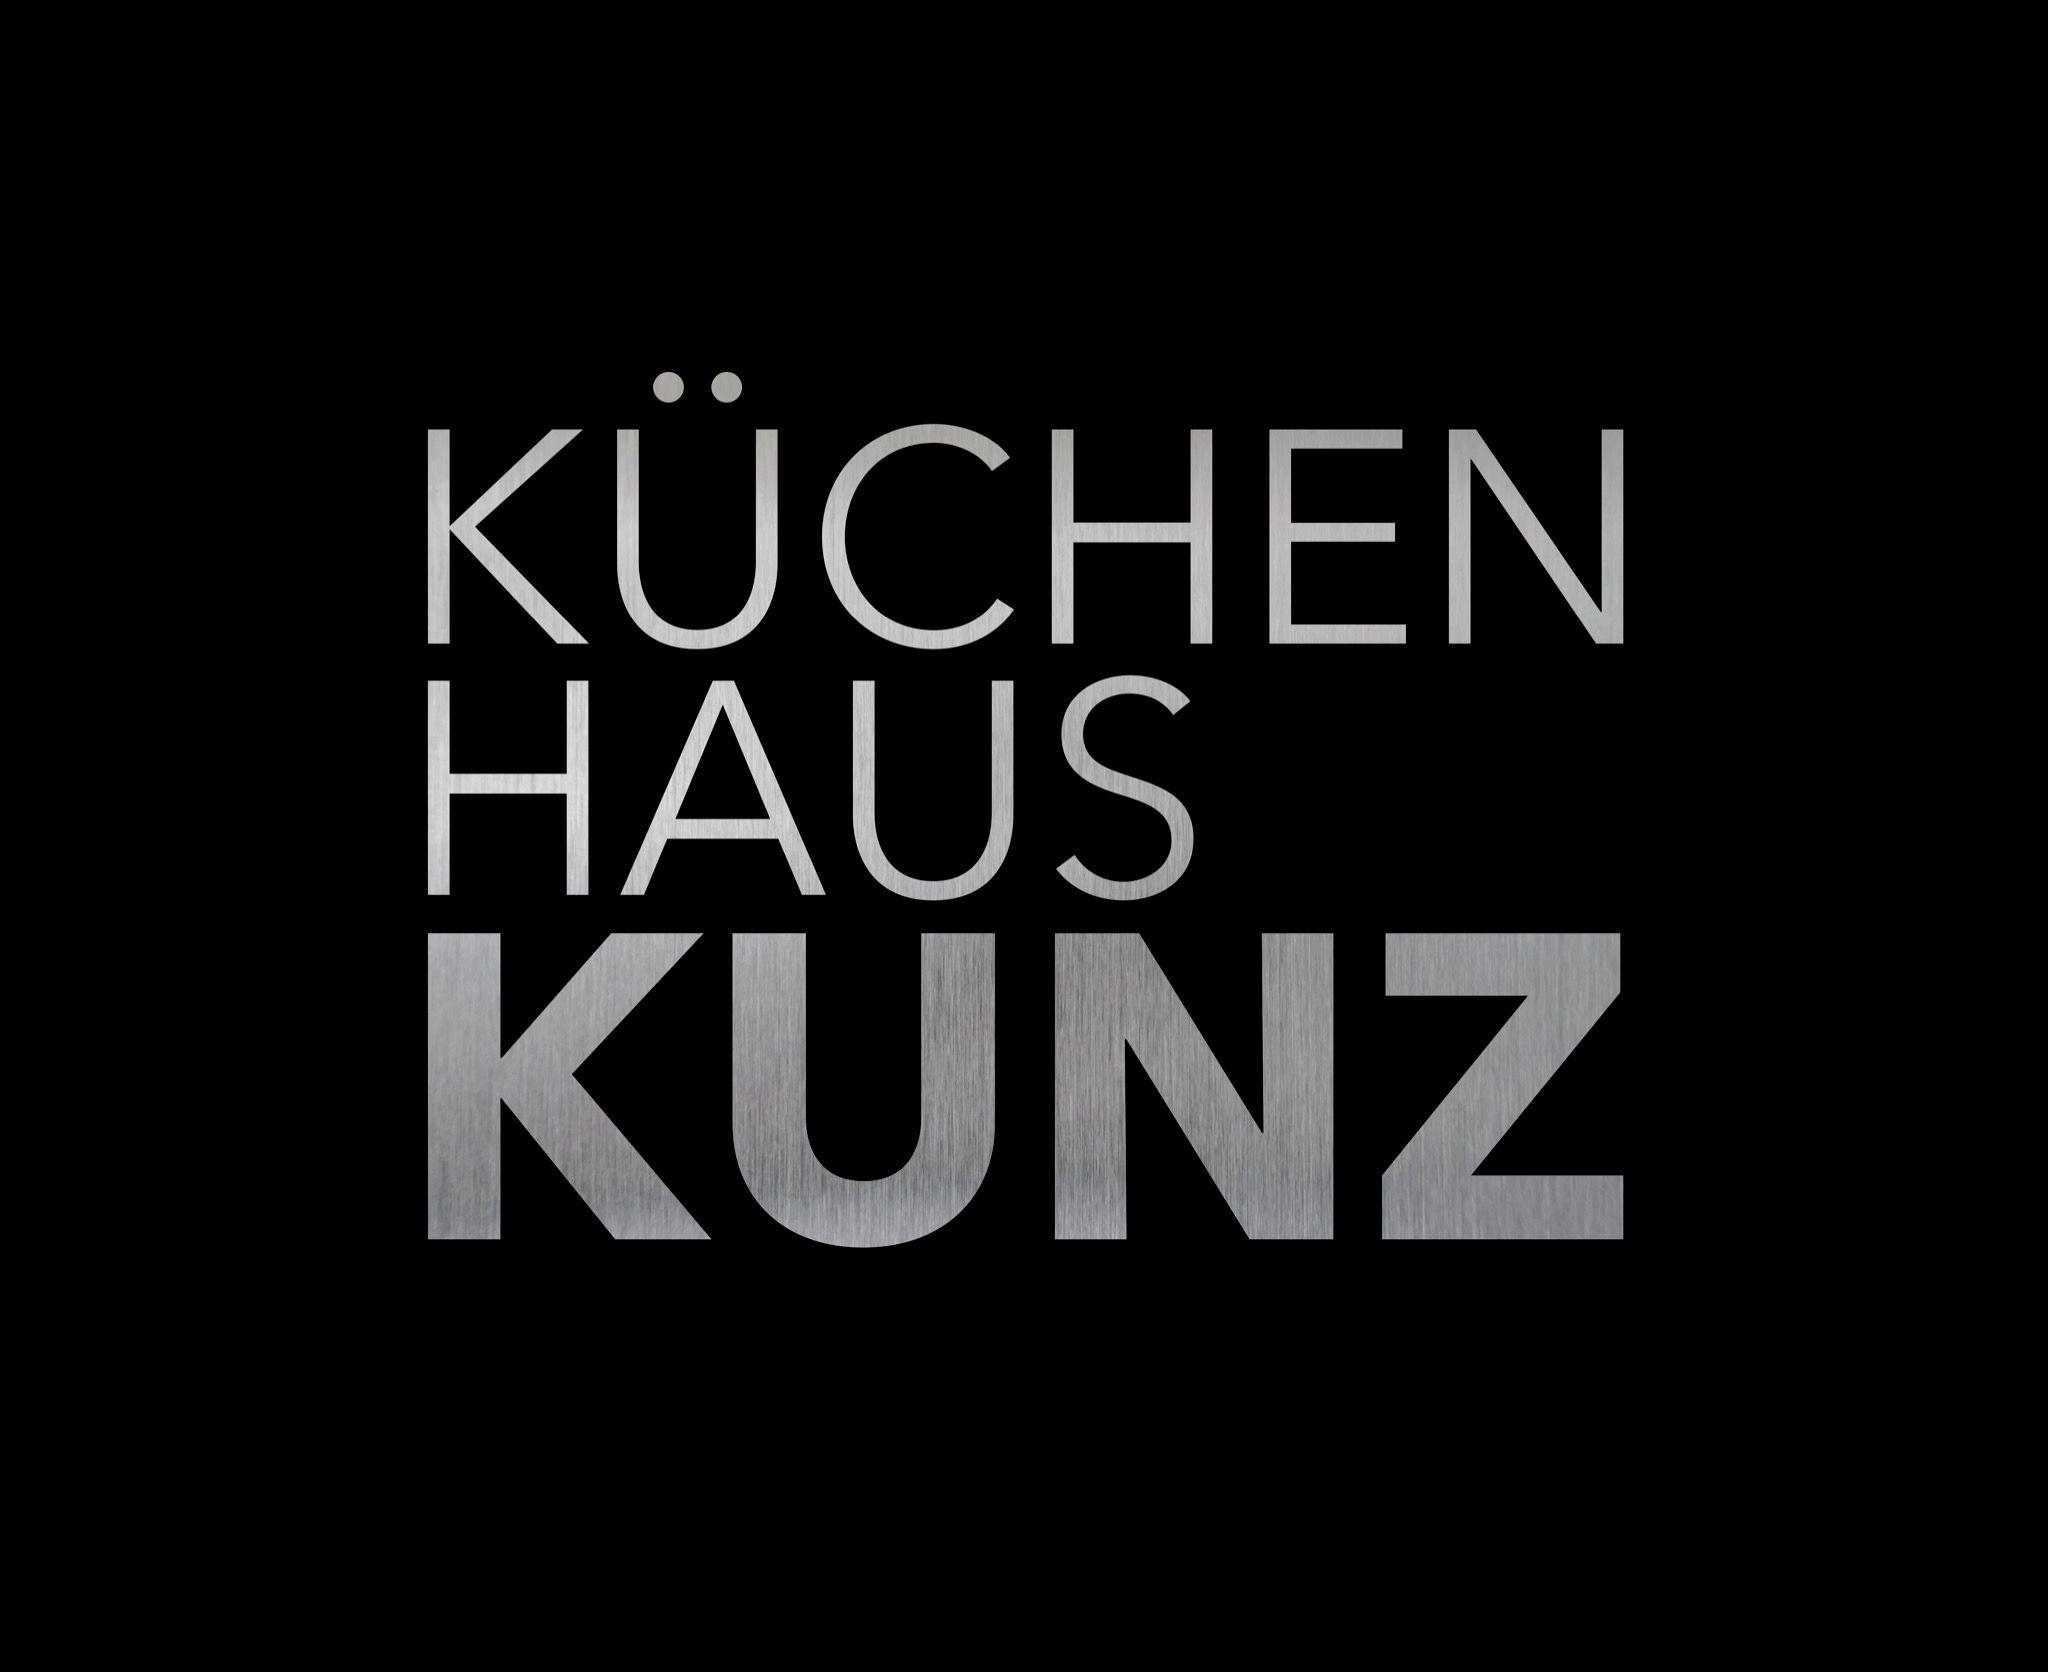 Küchenhaus Kunz